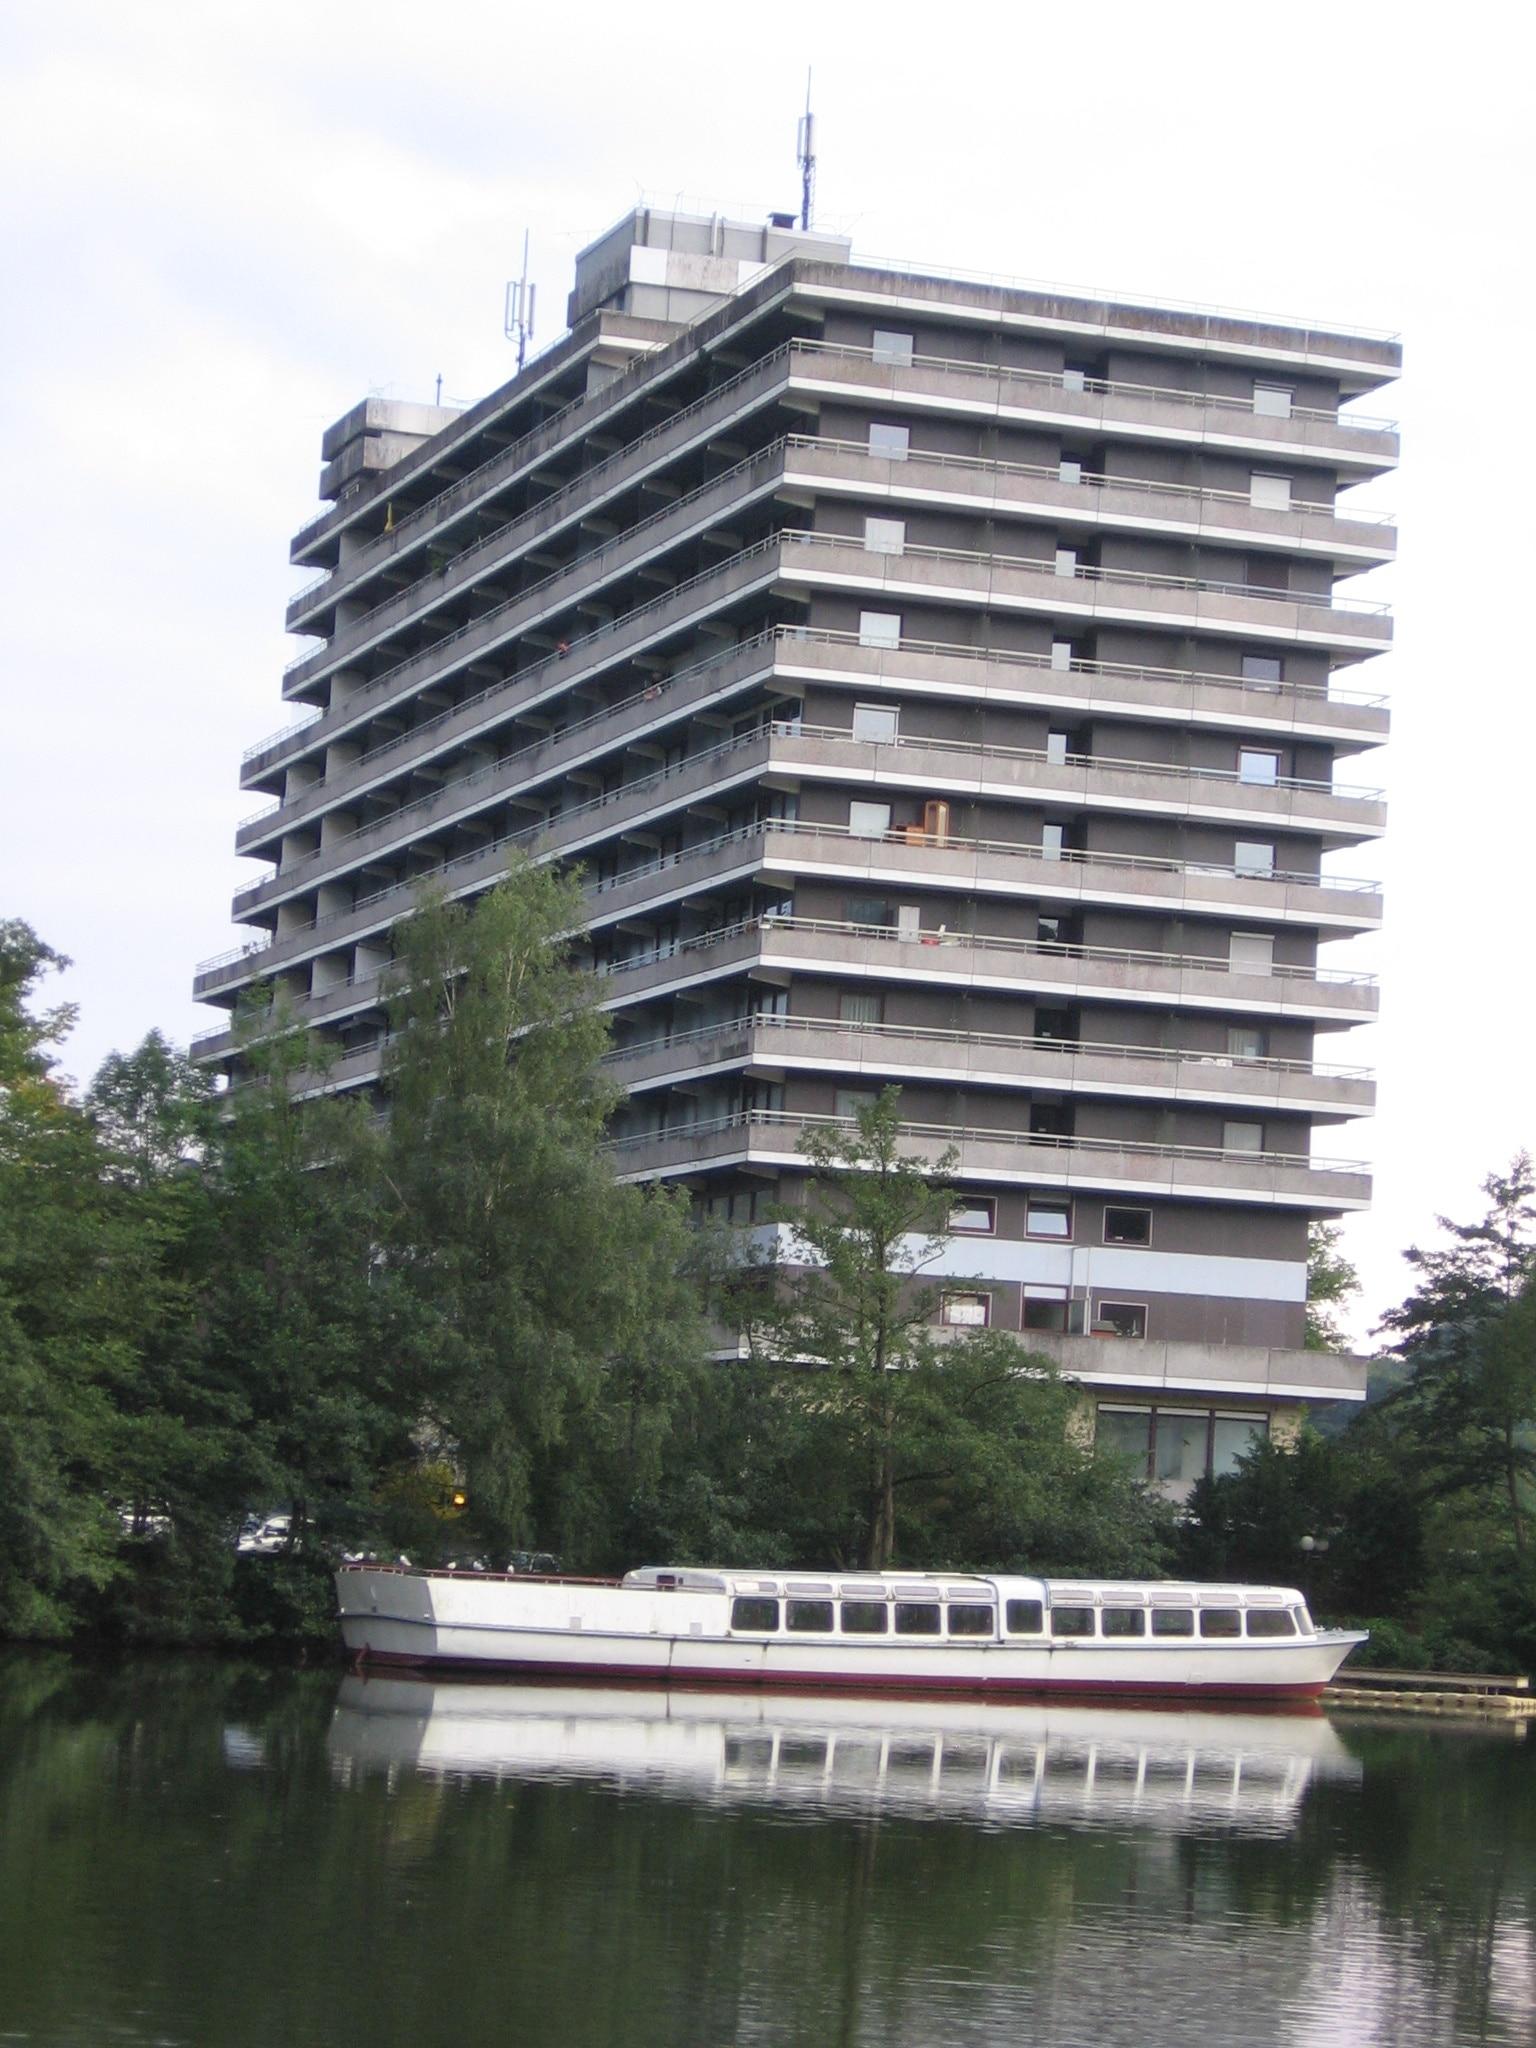 Malente, Schleswig-Holstein, Deutschland